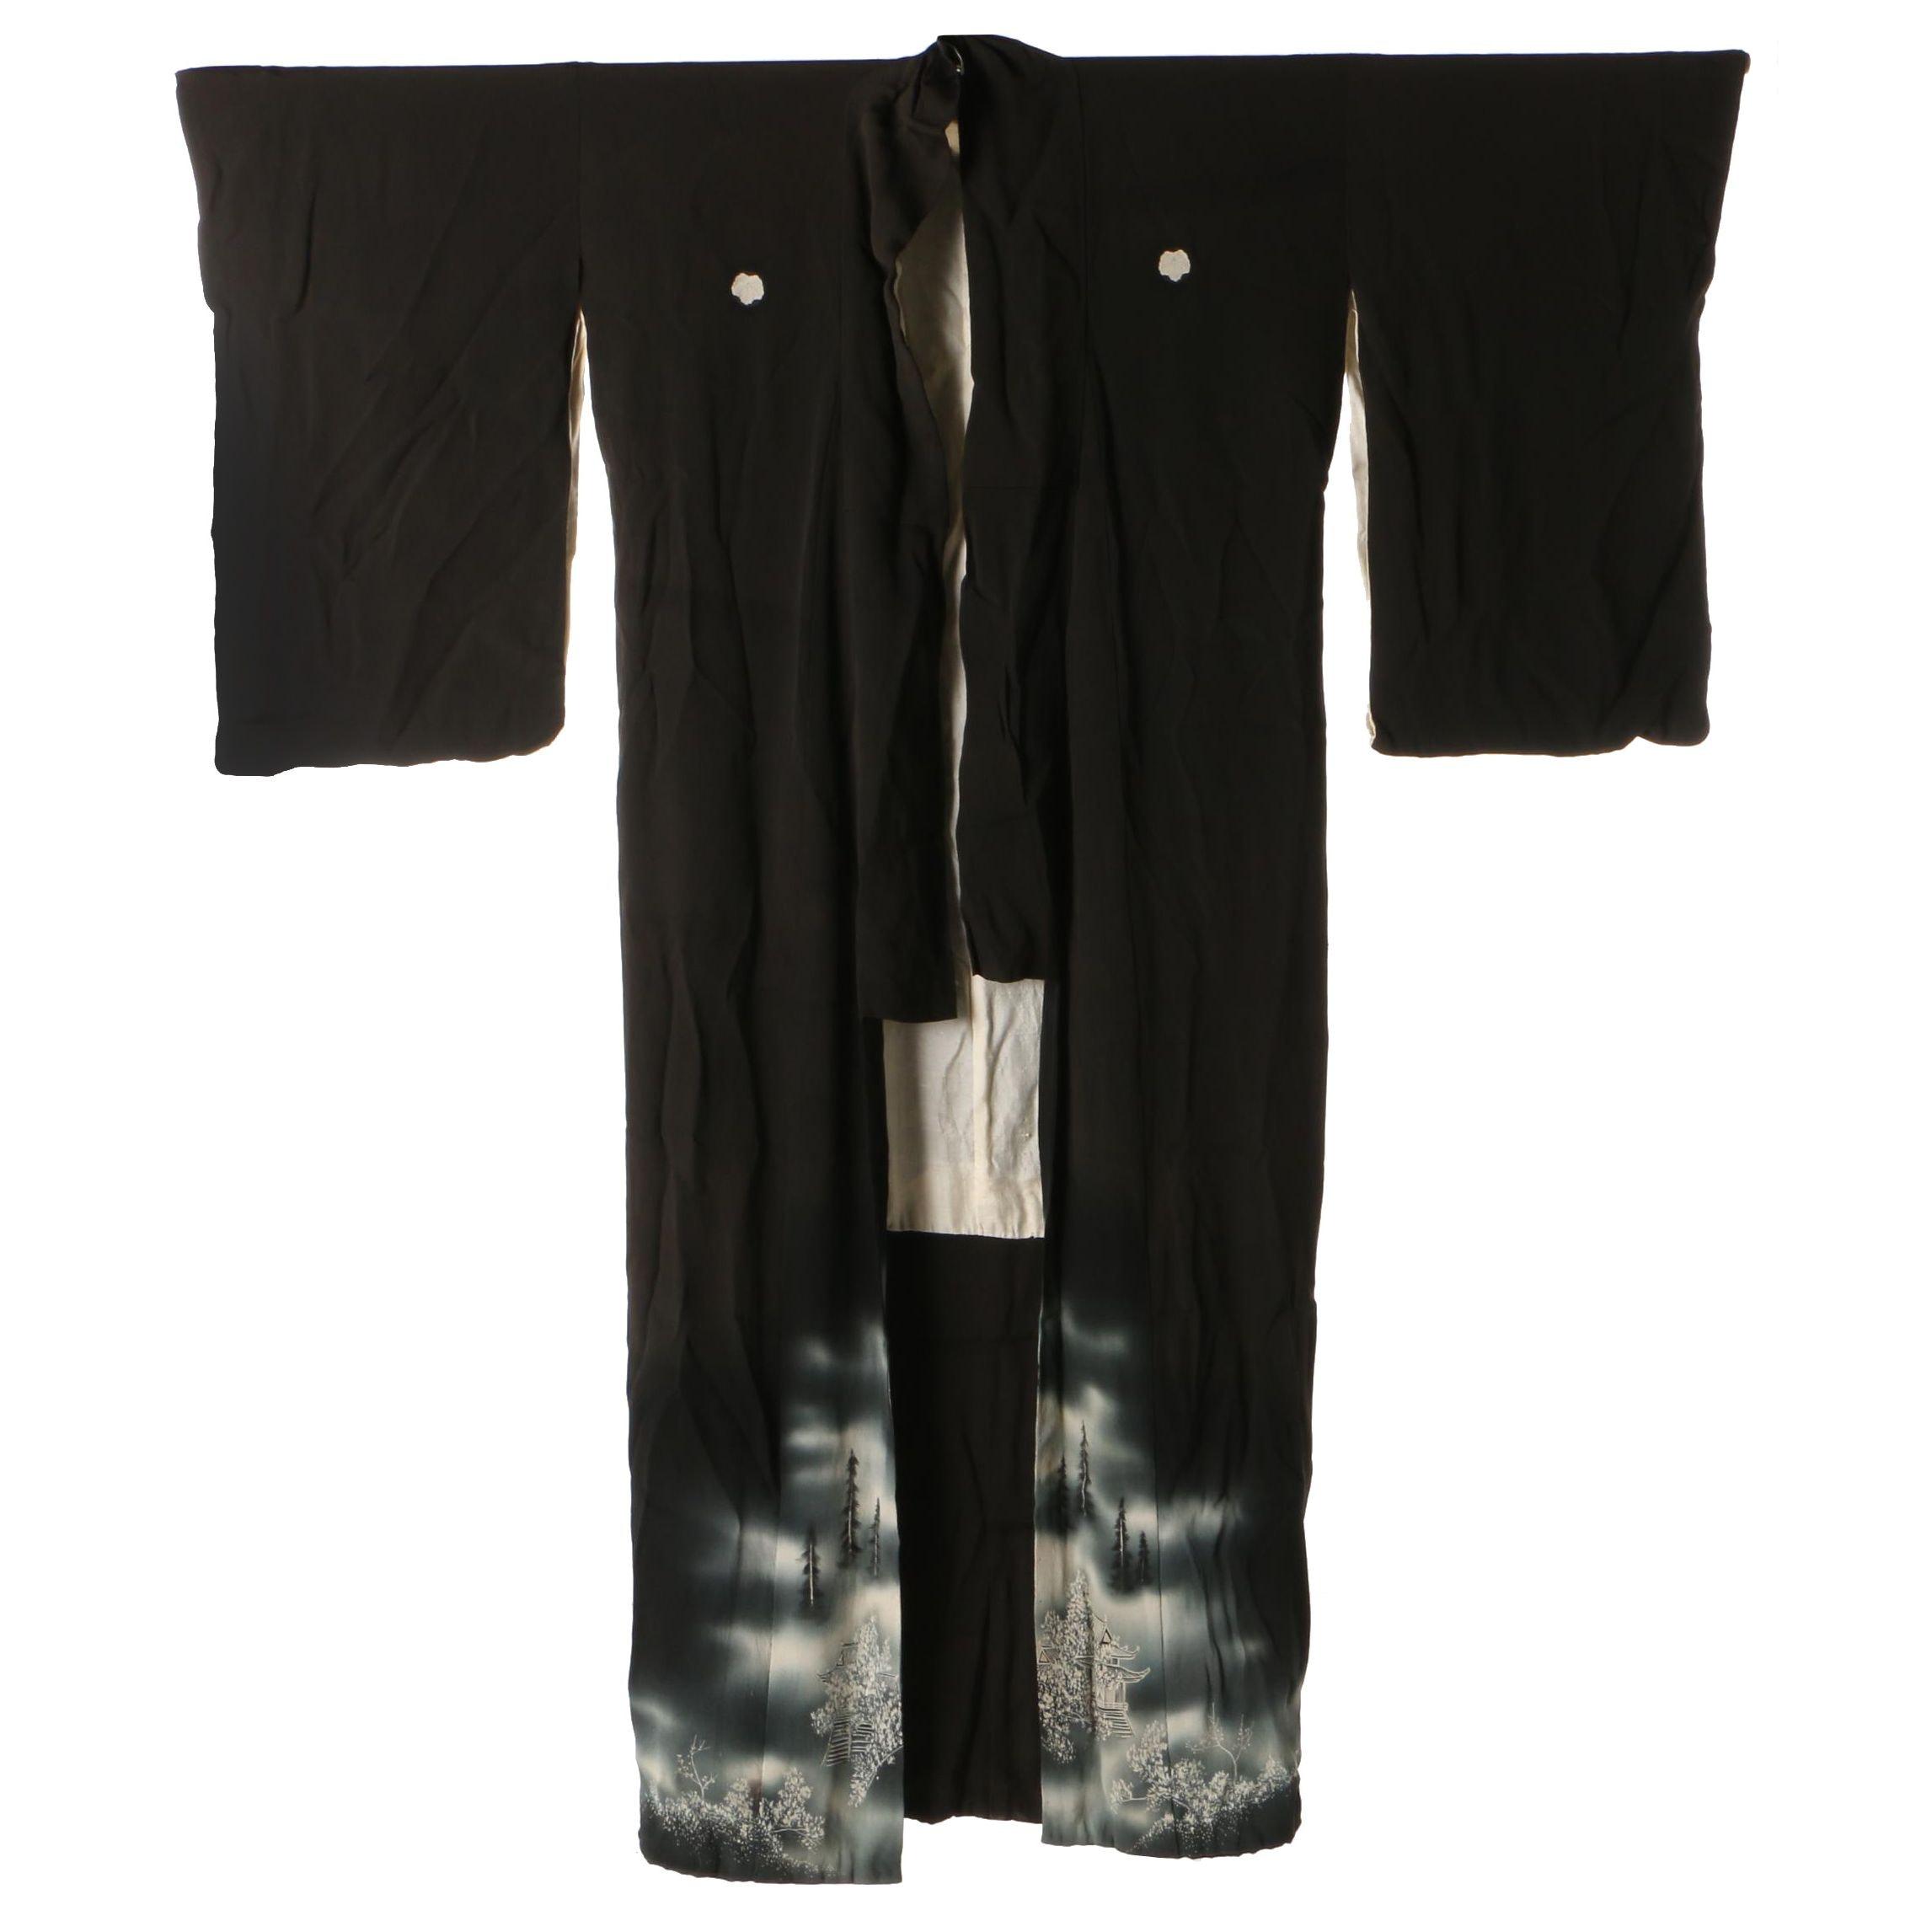 Silk Kuro Tomesode Kimono with Landscape Design